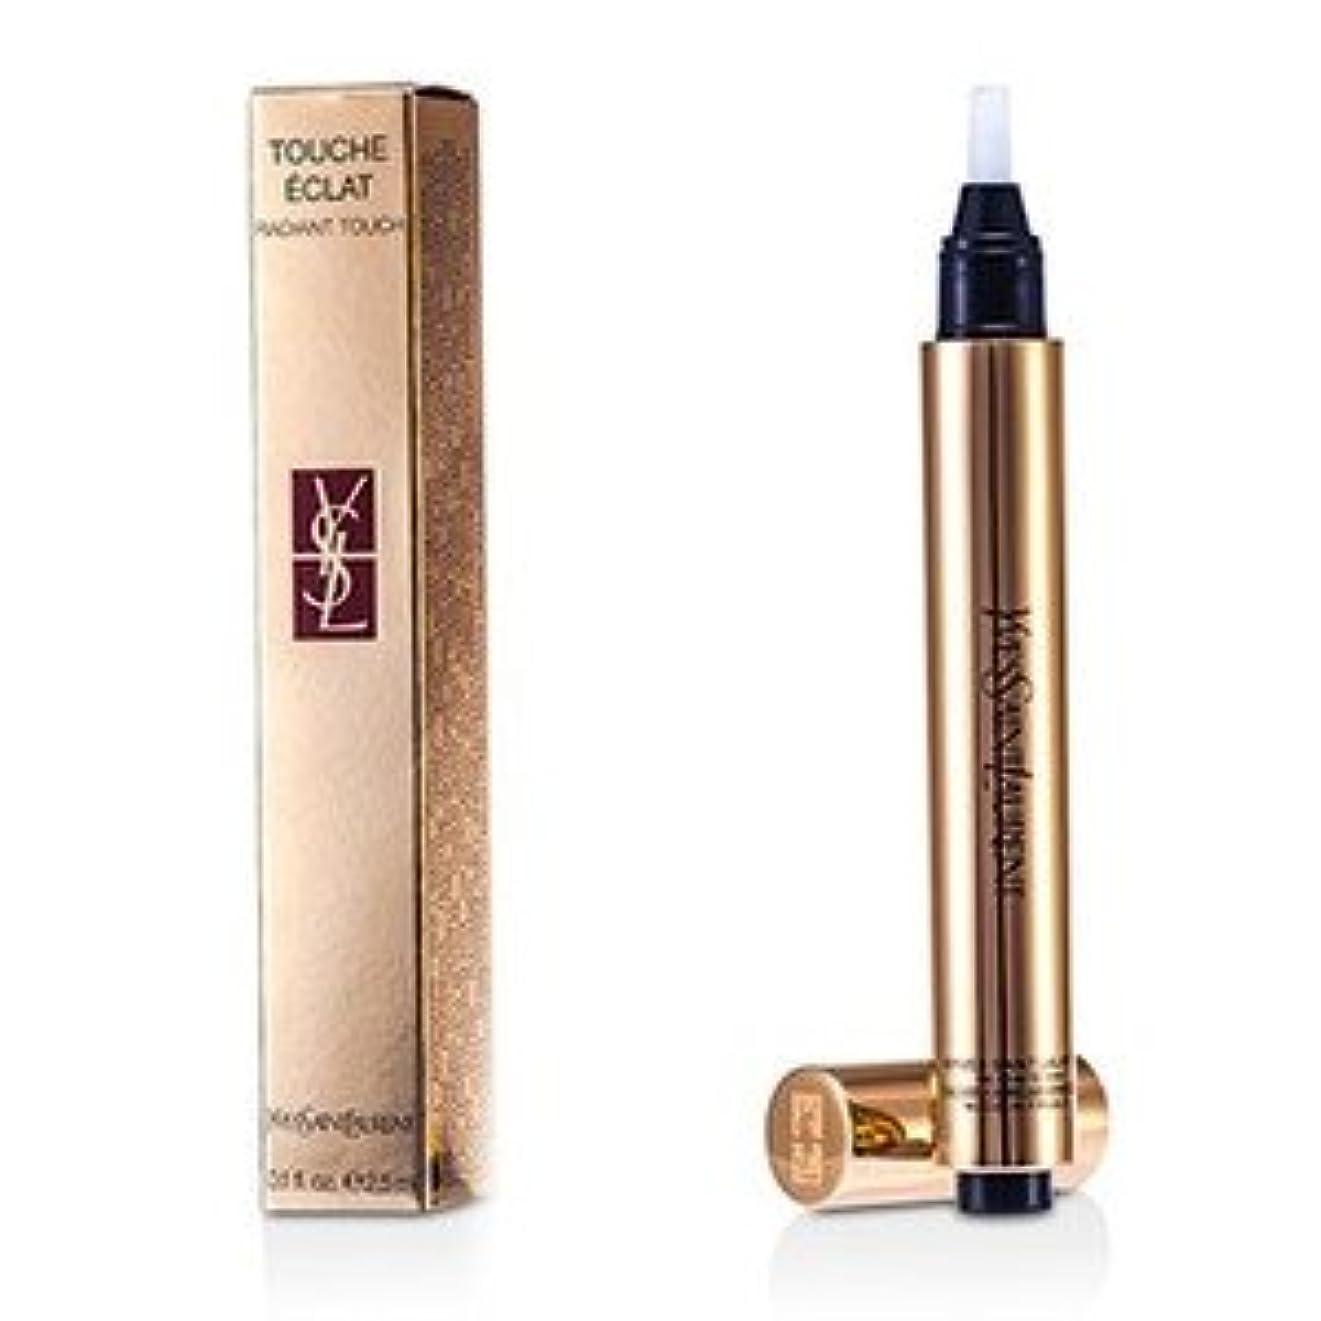 受粉する解任不当Yves Saint Laurent(イヴサンローラン) ラディアント タッチ/タッチ エクラ - #2.5 Luminous Vanilla 2.5ml/0.1oz [並行輸入品]